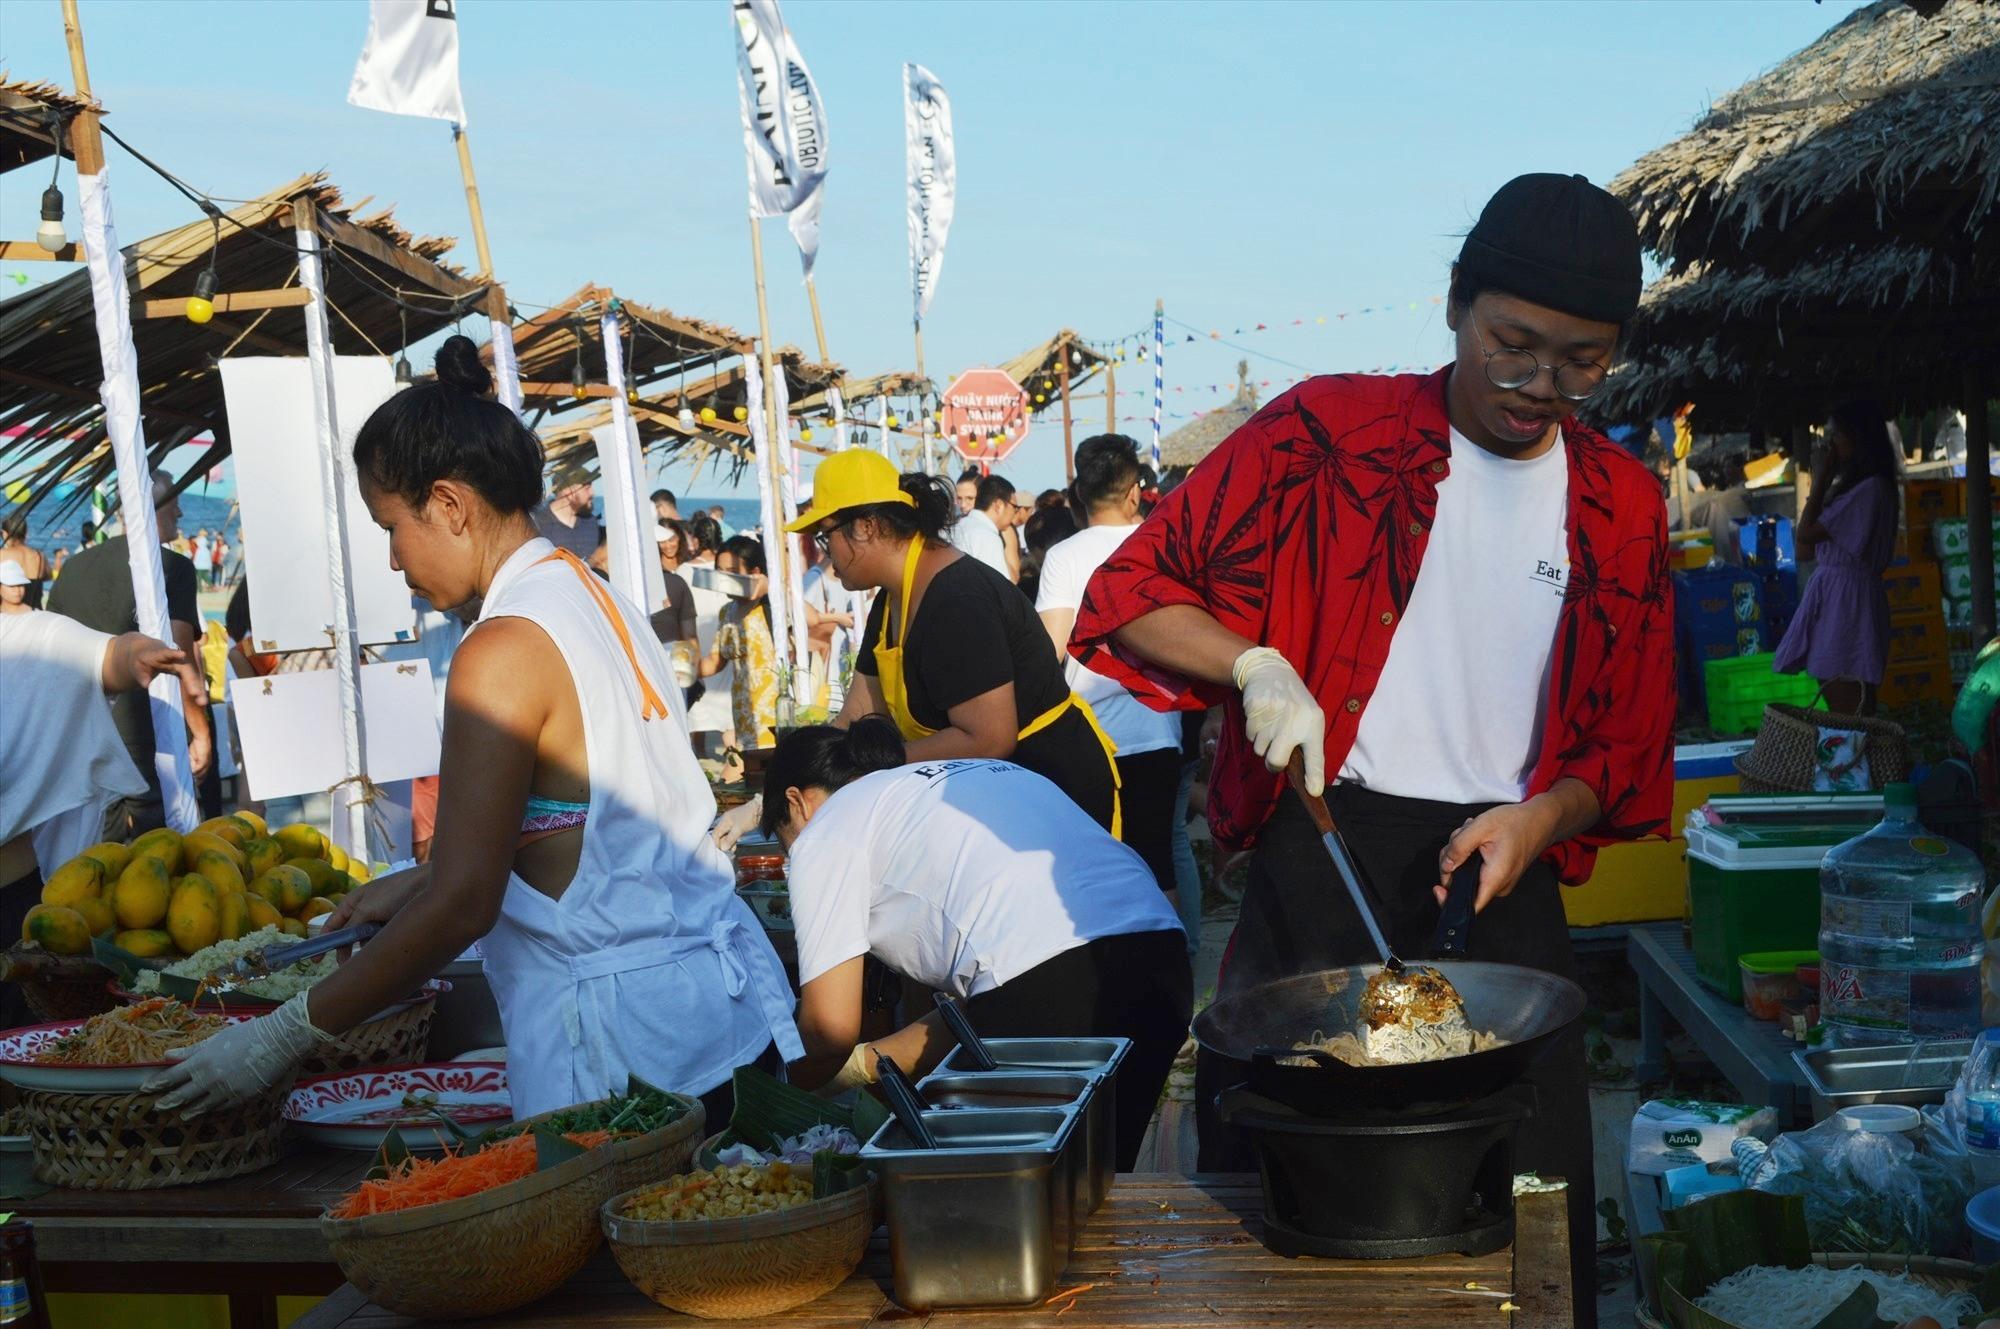 Lễ hội thu hút 21 nhà hàng tham gia với khoảng 50 món ăn. Ảnh: VĨNH LỘC